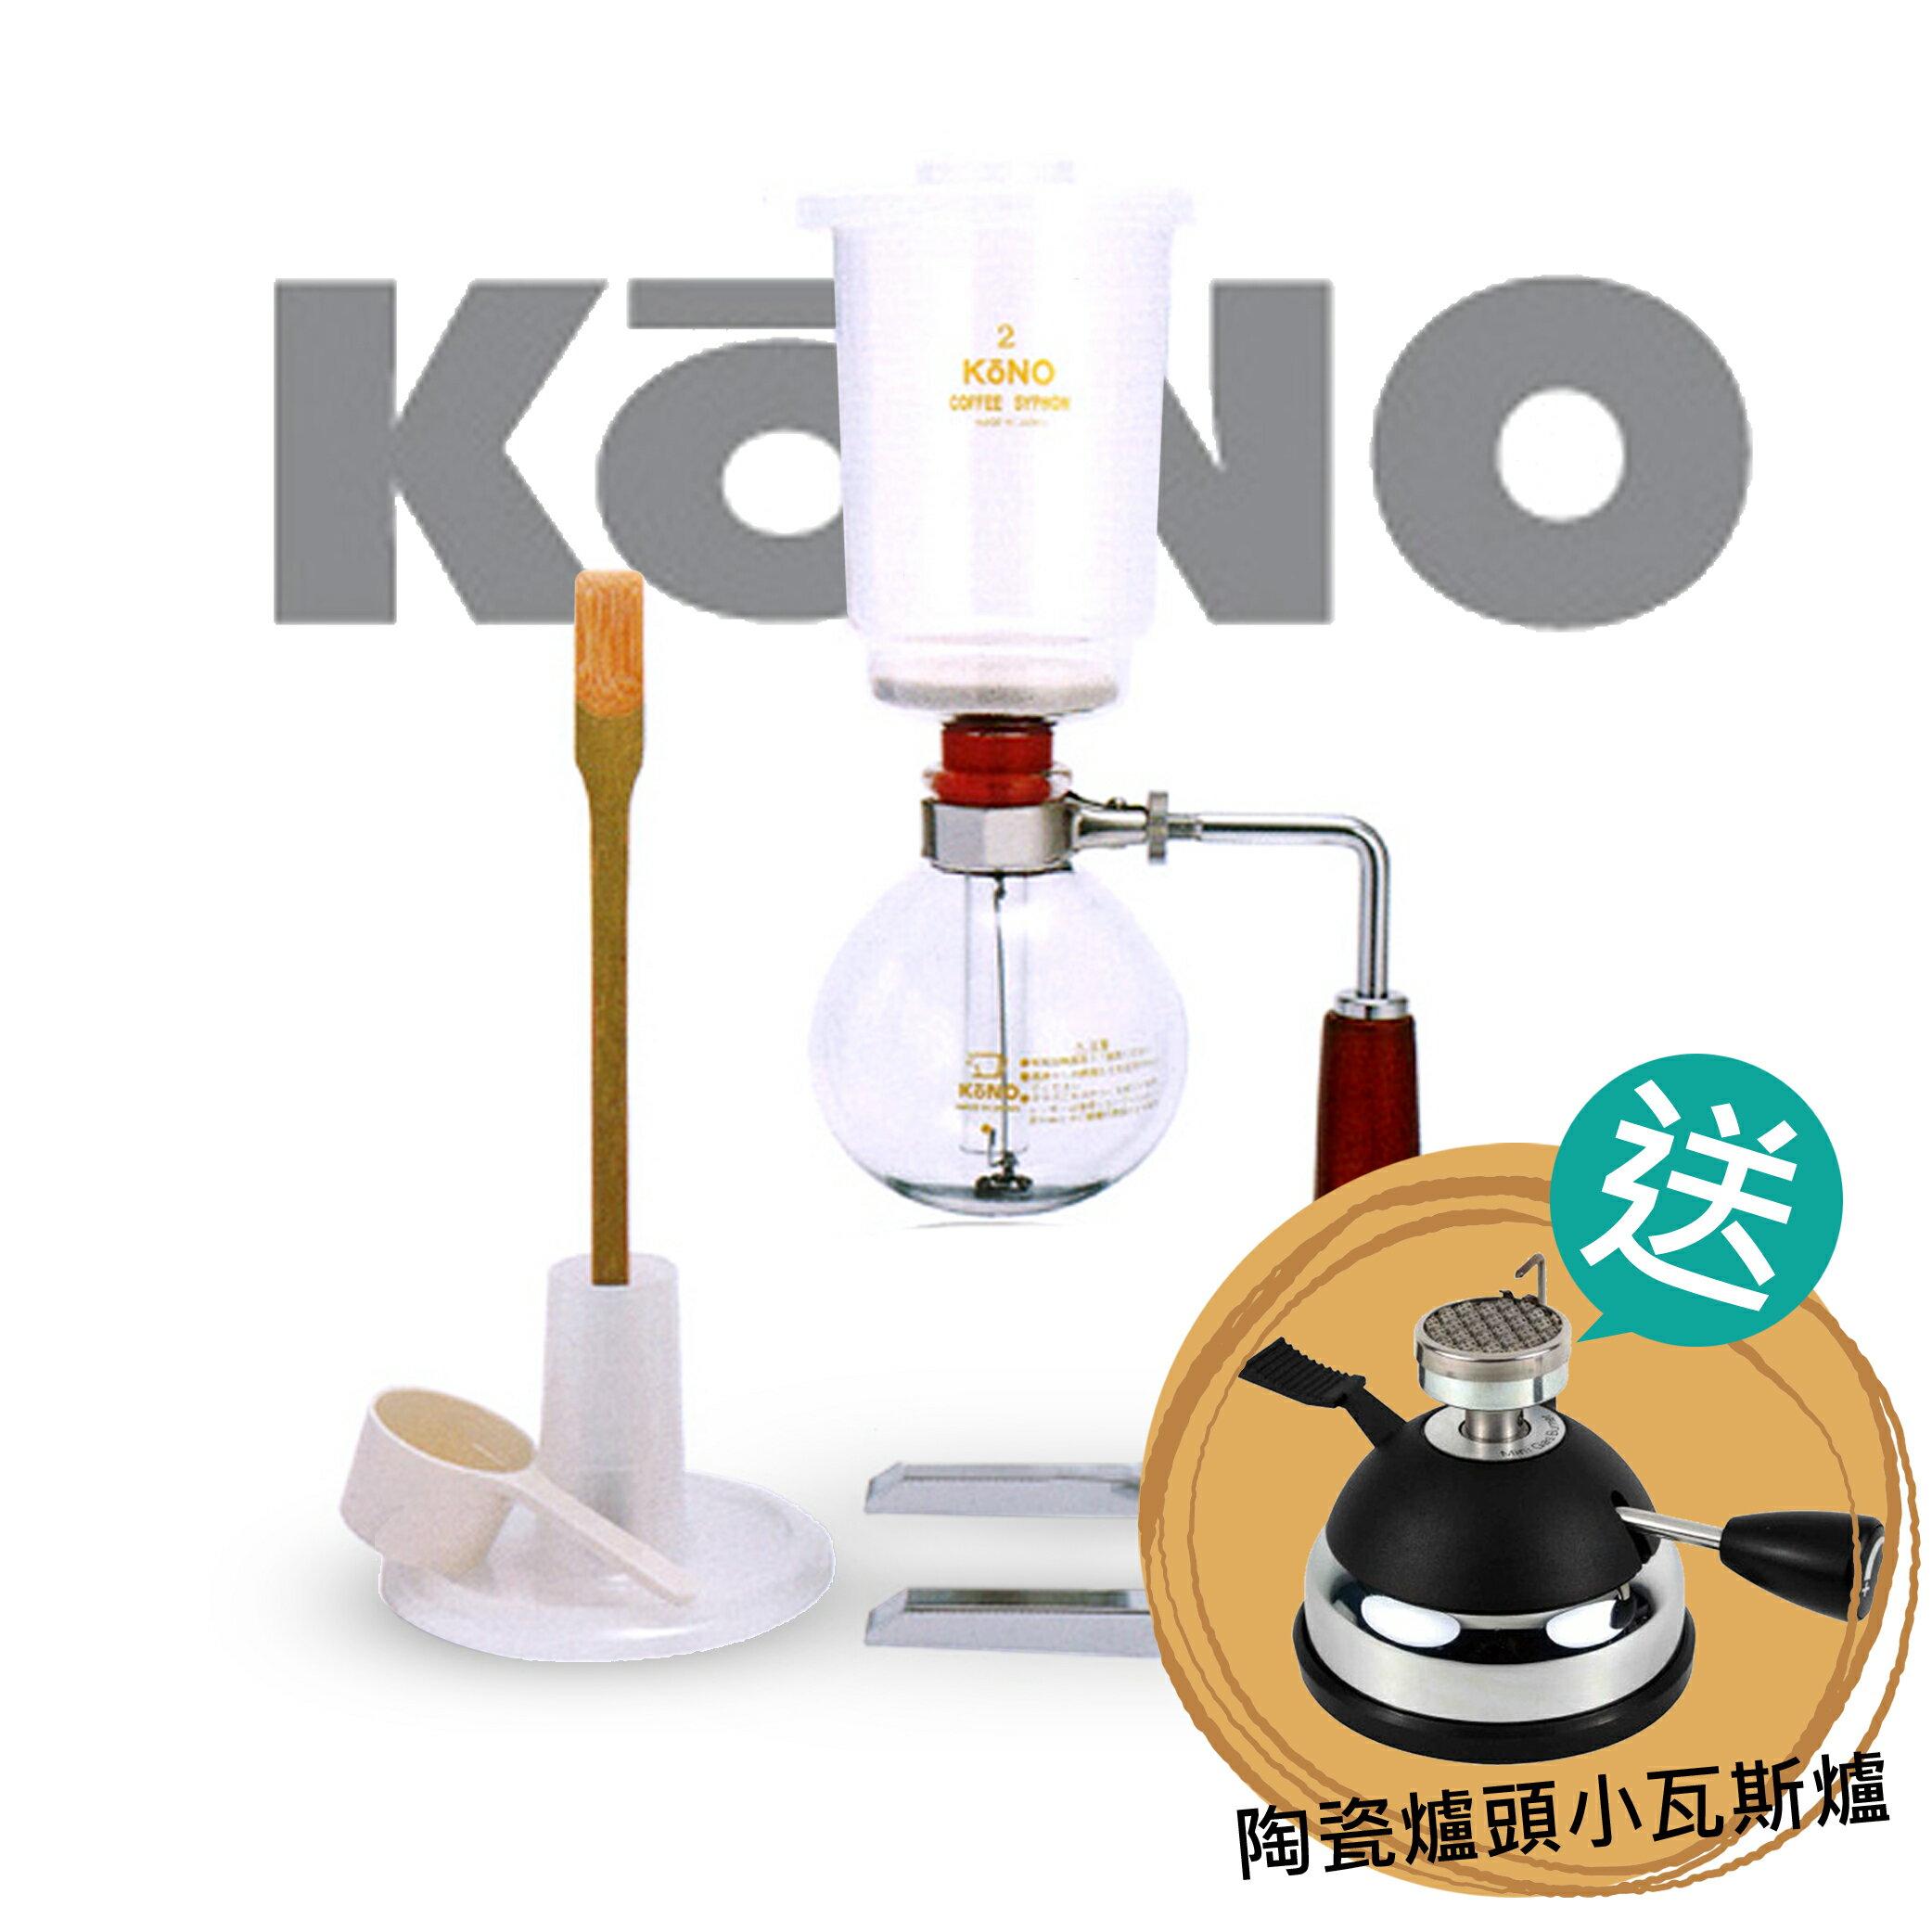 【日本】KONO Syphon 虹吸式咖啡壺(2人用) - 送*陶瓷小瓦斯爐